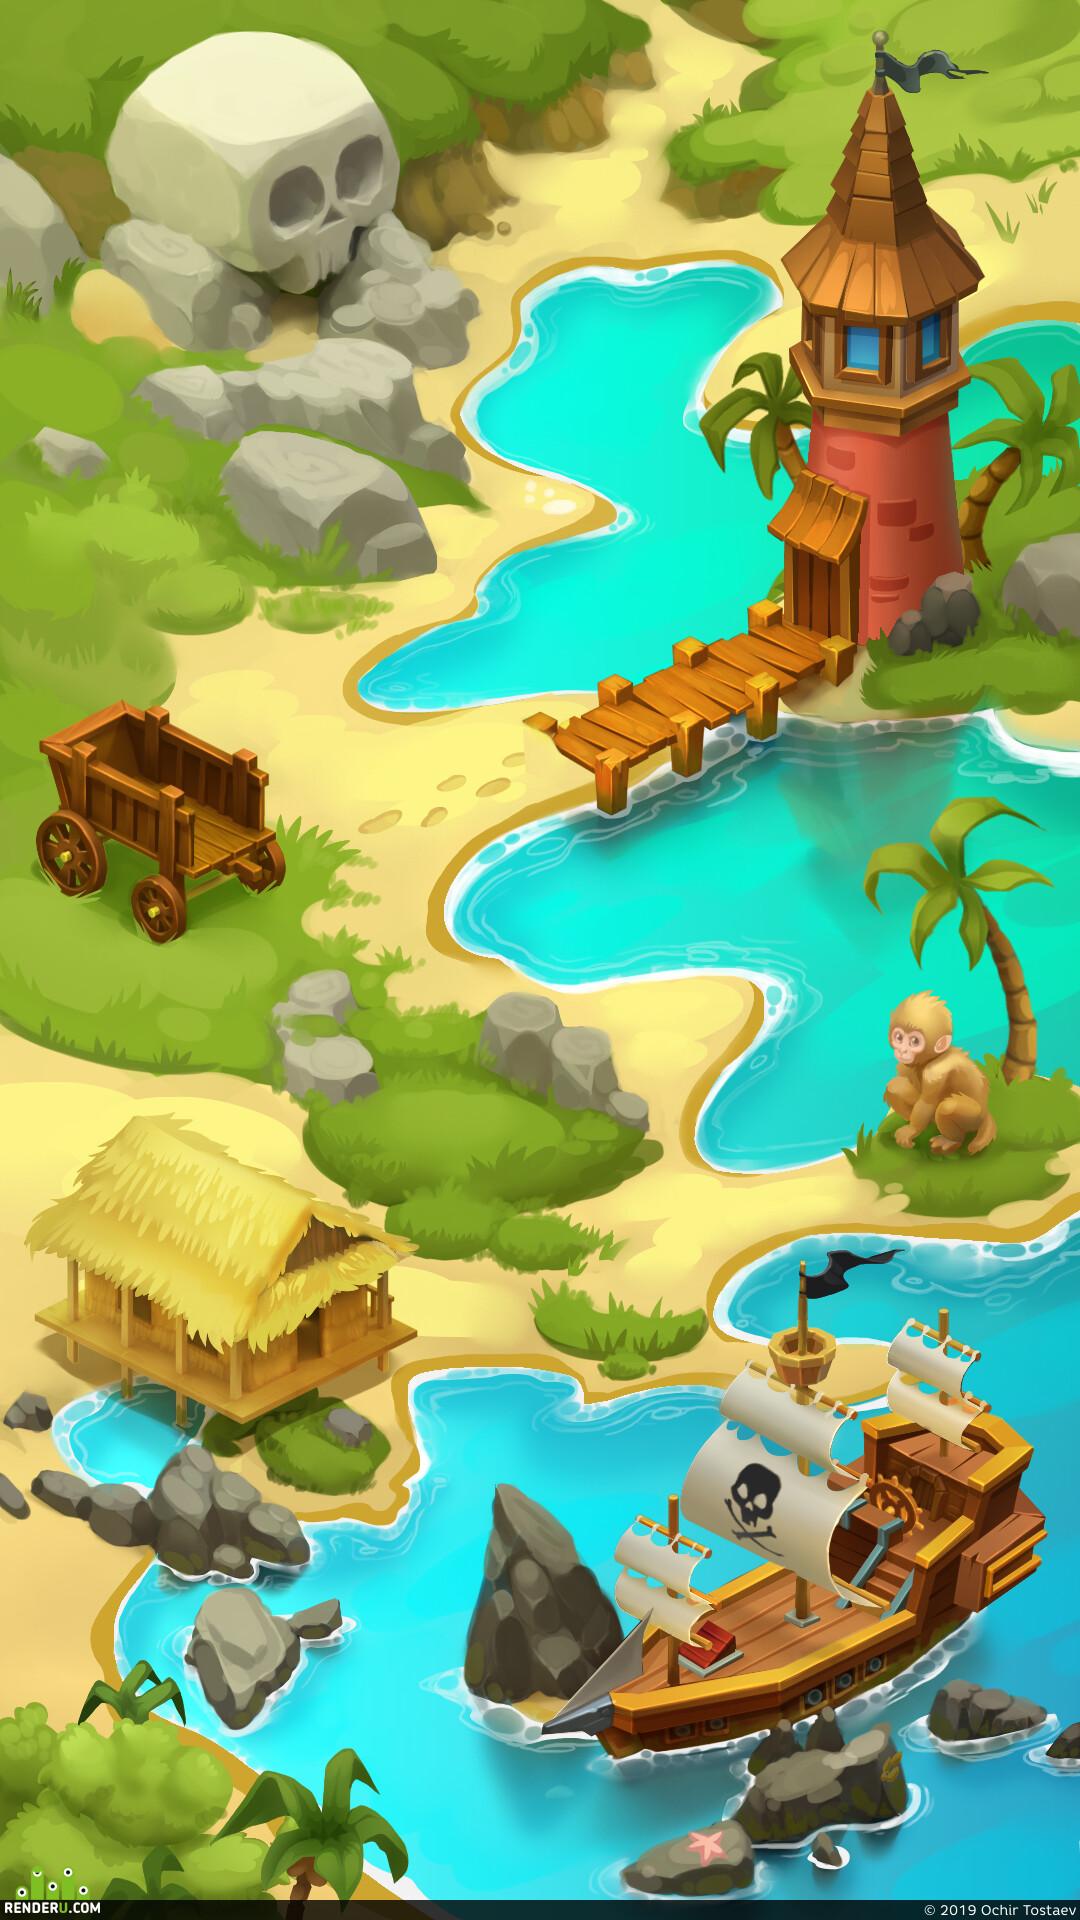 пираты, Остров, Пляж, корабль, телега, мартышка, башня, хибара, карта